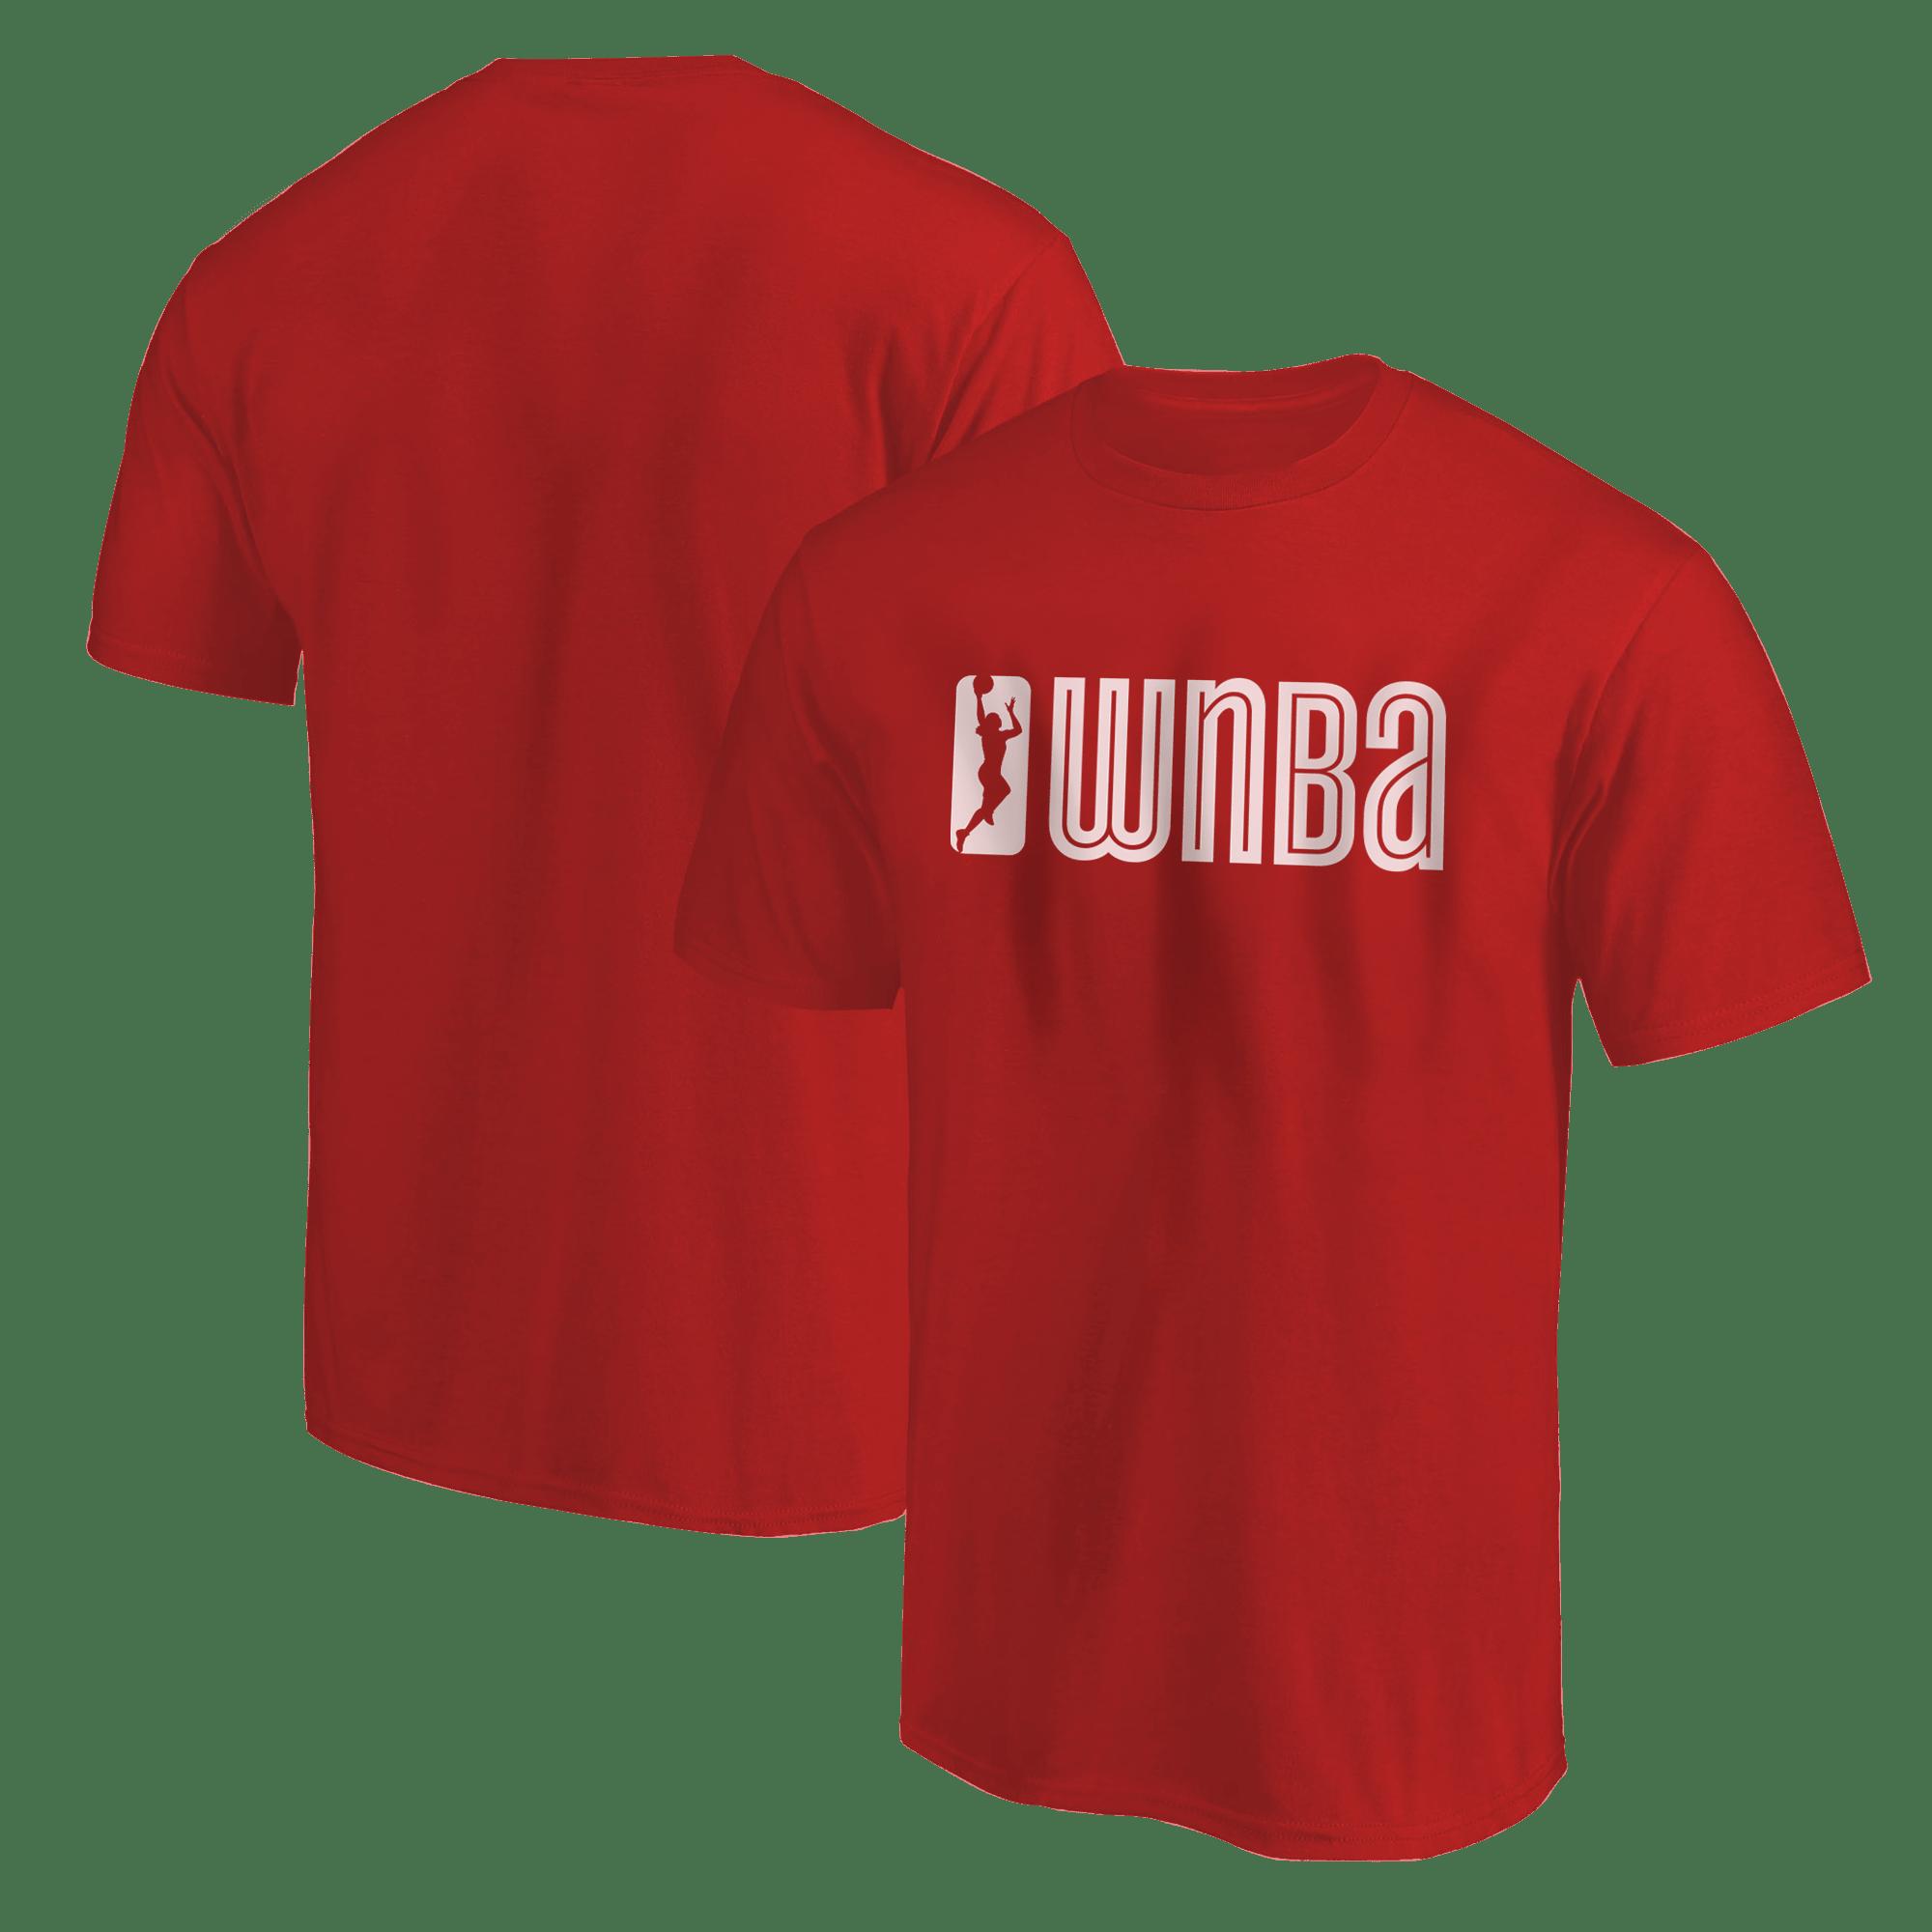 WNBA Tshirt (TSH-RED-NP-WNBA-633)